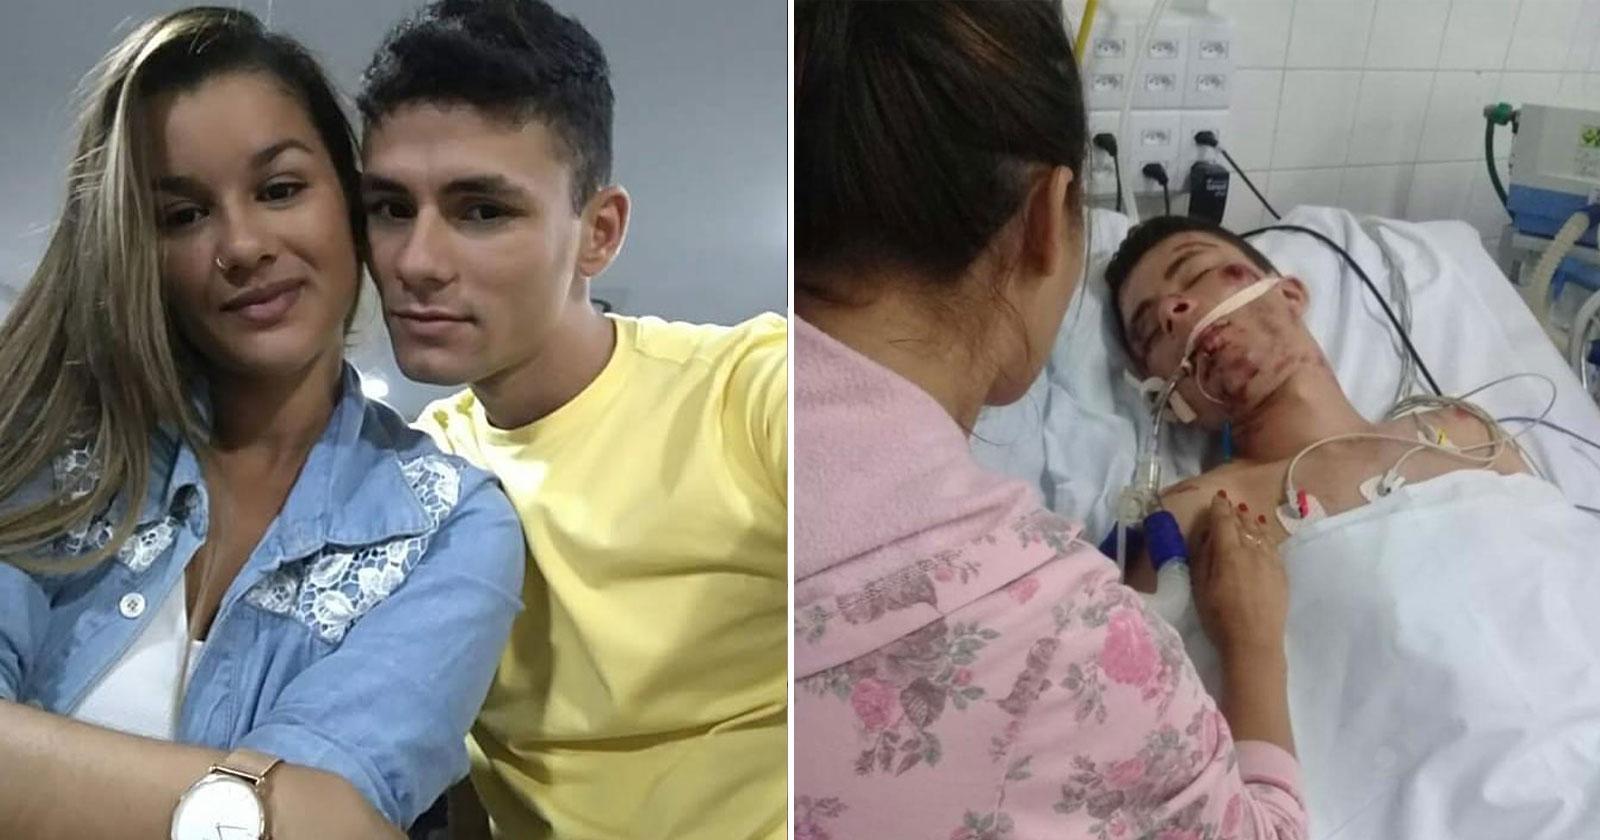 História de amor: mulher vira 'enfermeira' para cuidar sozinha de marido acamado após acidente 5